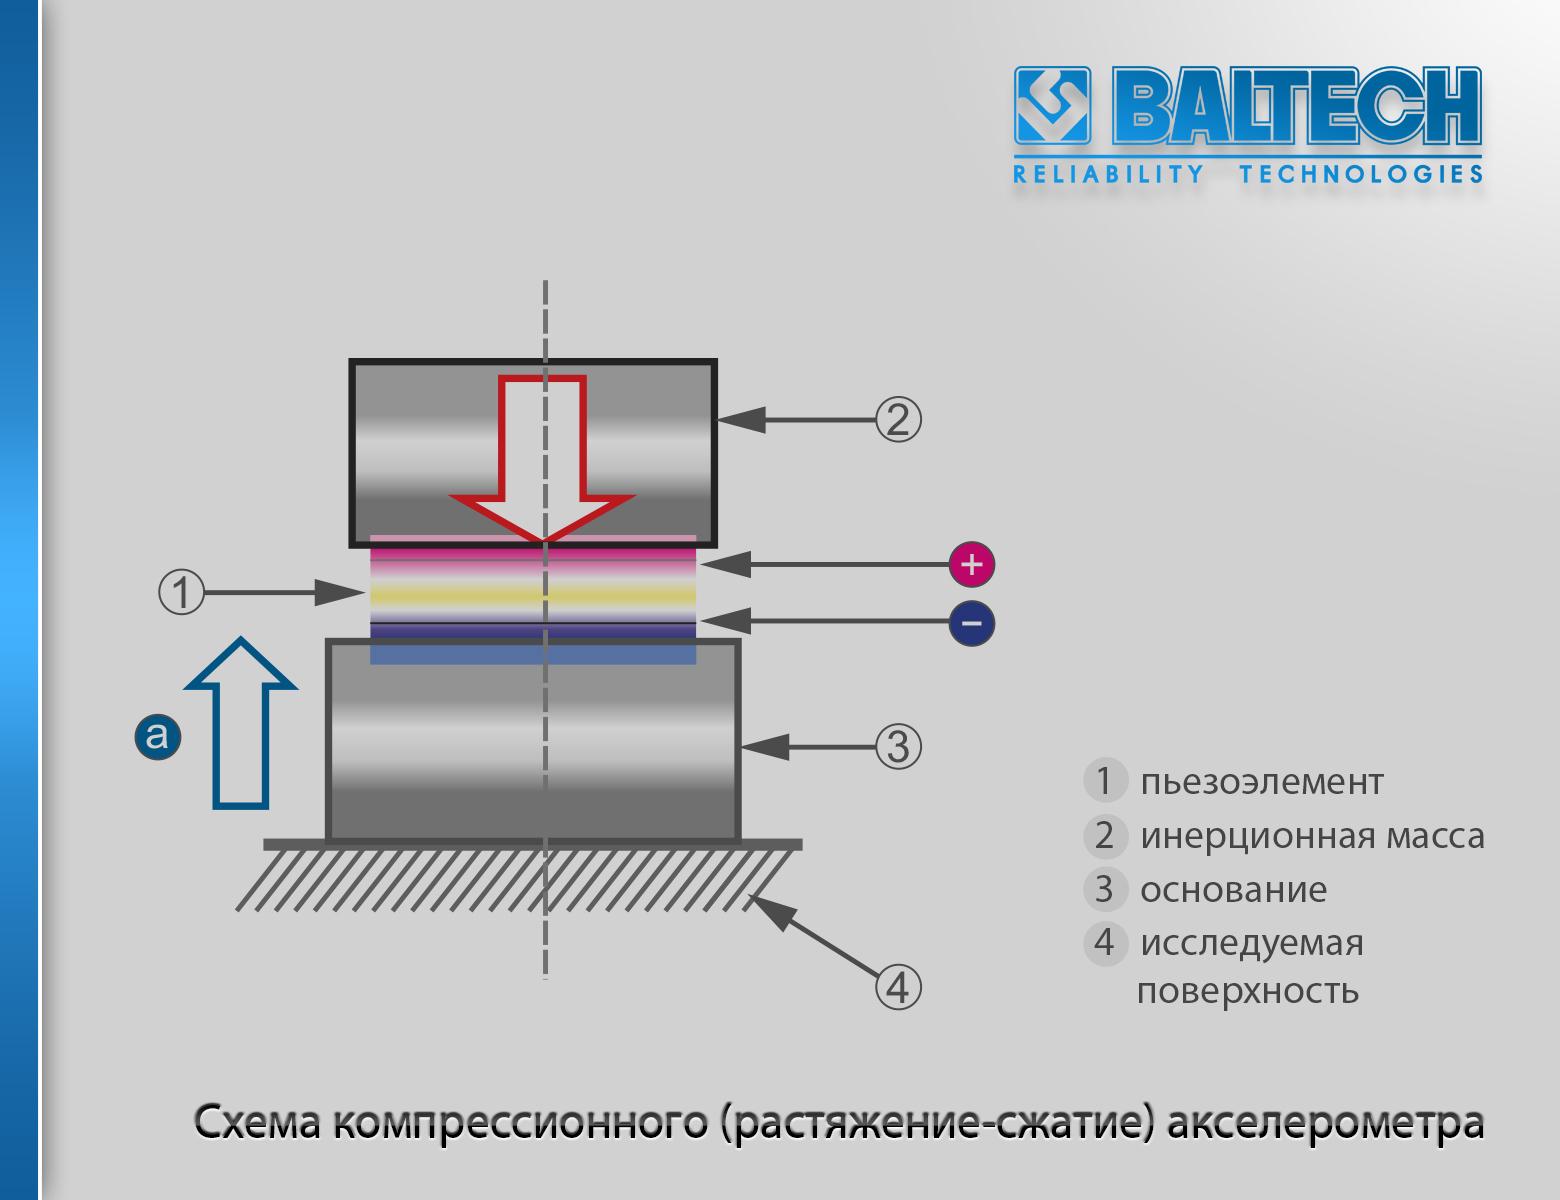 Схема компрессионного (растяжение-сжатие) акселерометра, измерение вибрации акселерометром, средства измерения вибрации,  правила измерения вибрации